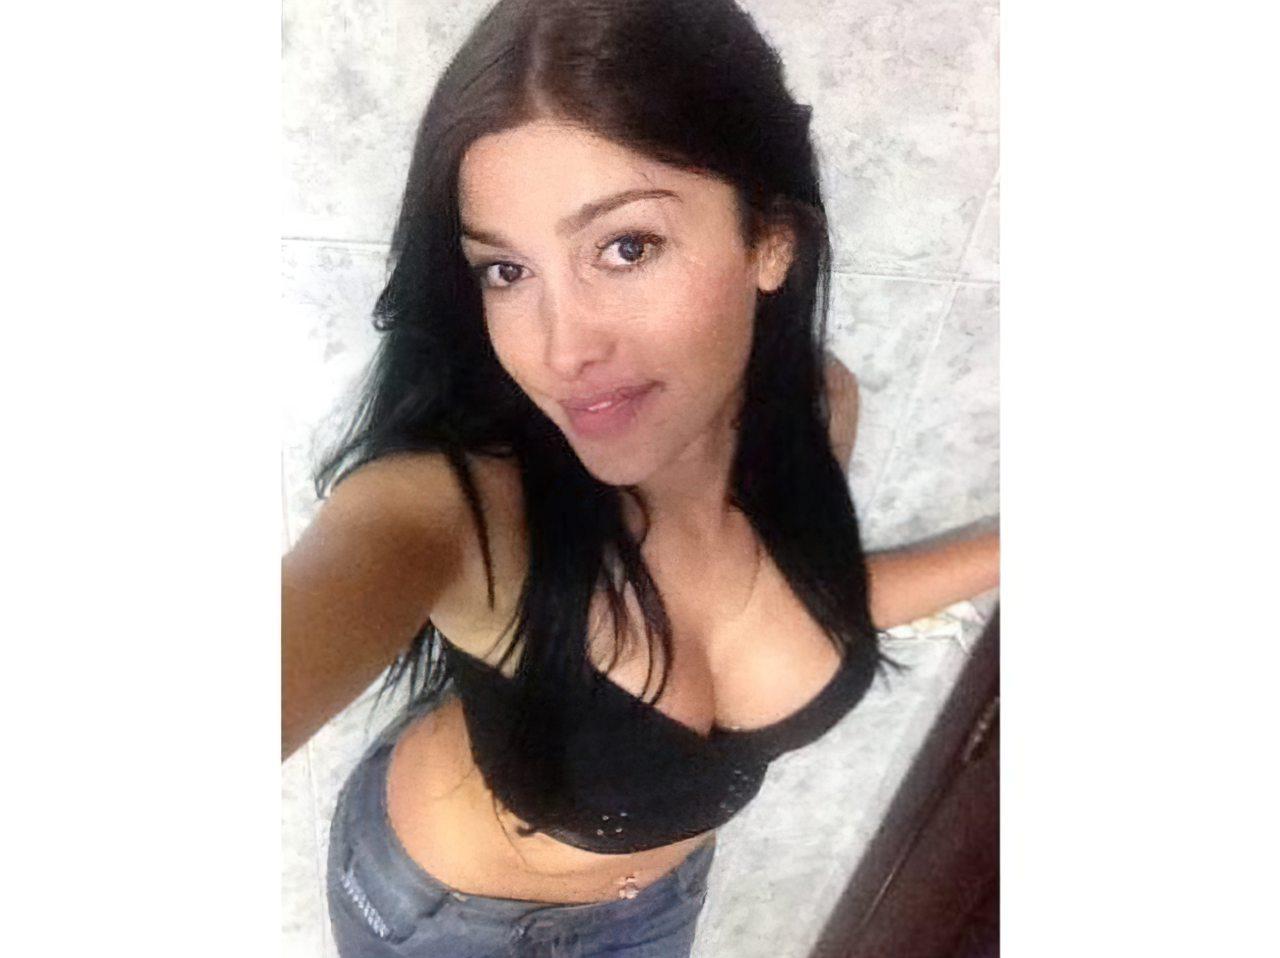 Brasileira Sexy (3)